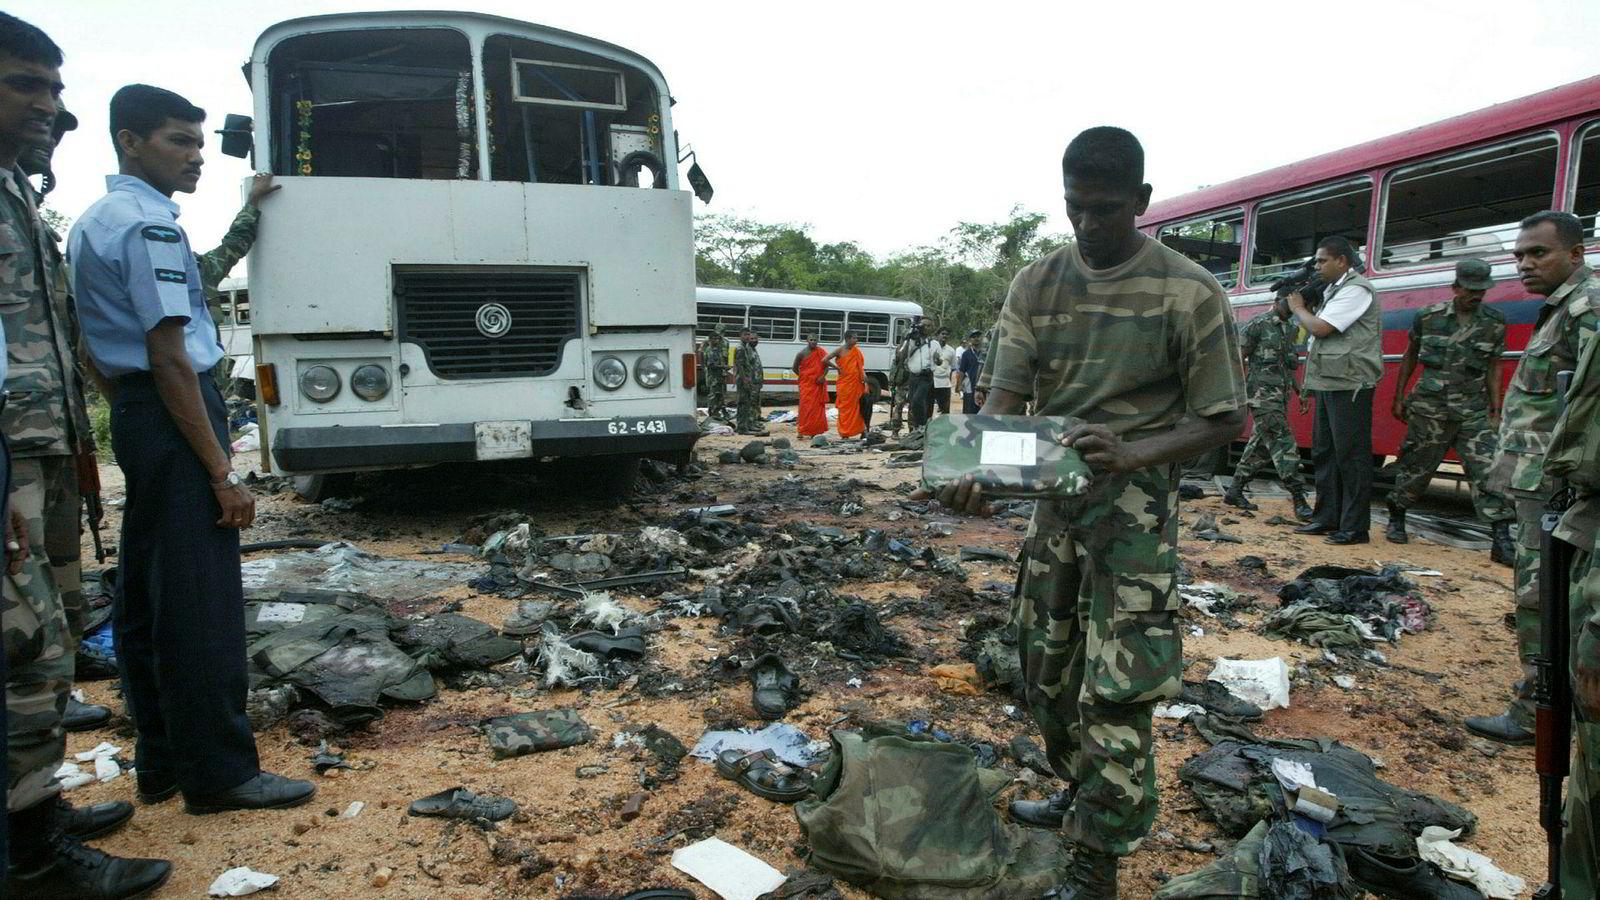 Minst 290 mennesker mistet livet under terrorangrepene på Sri Lanka i påsken.